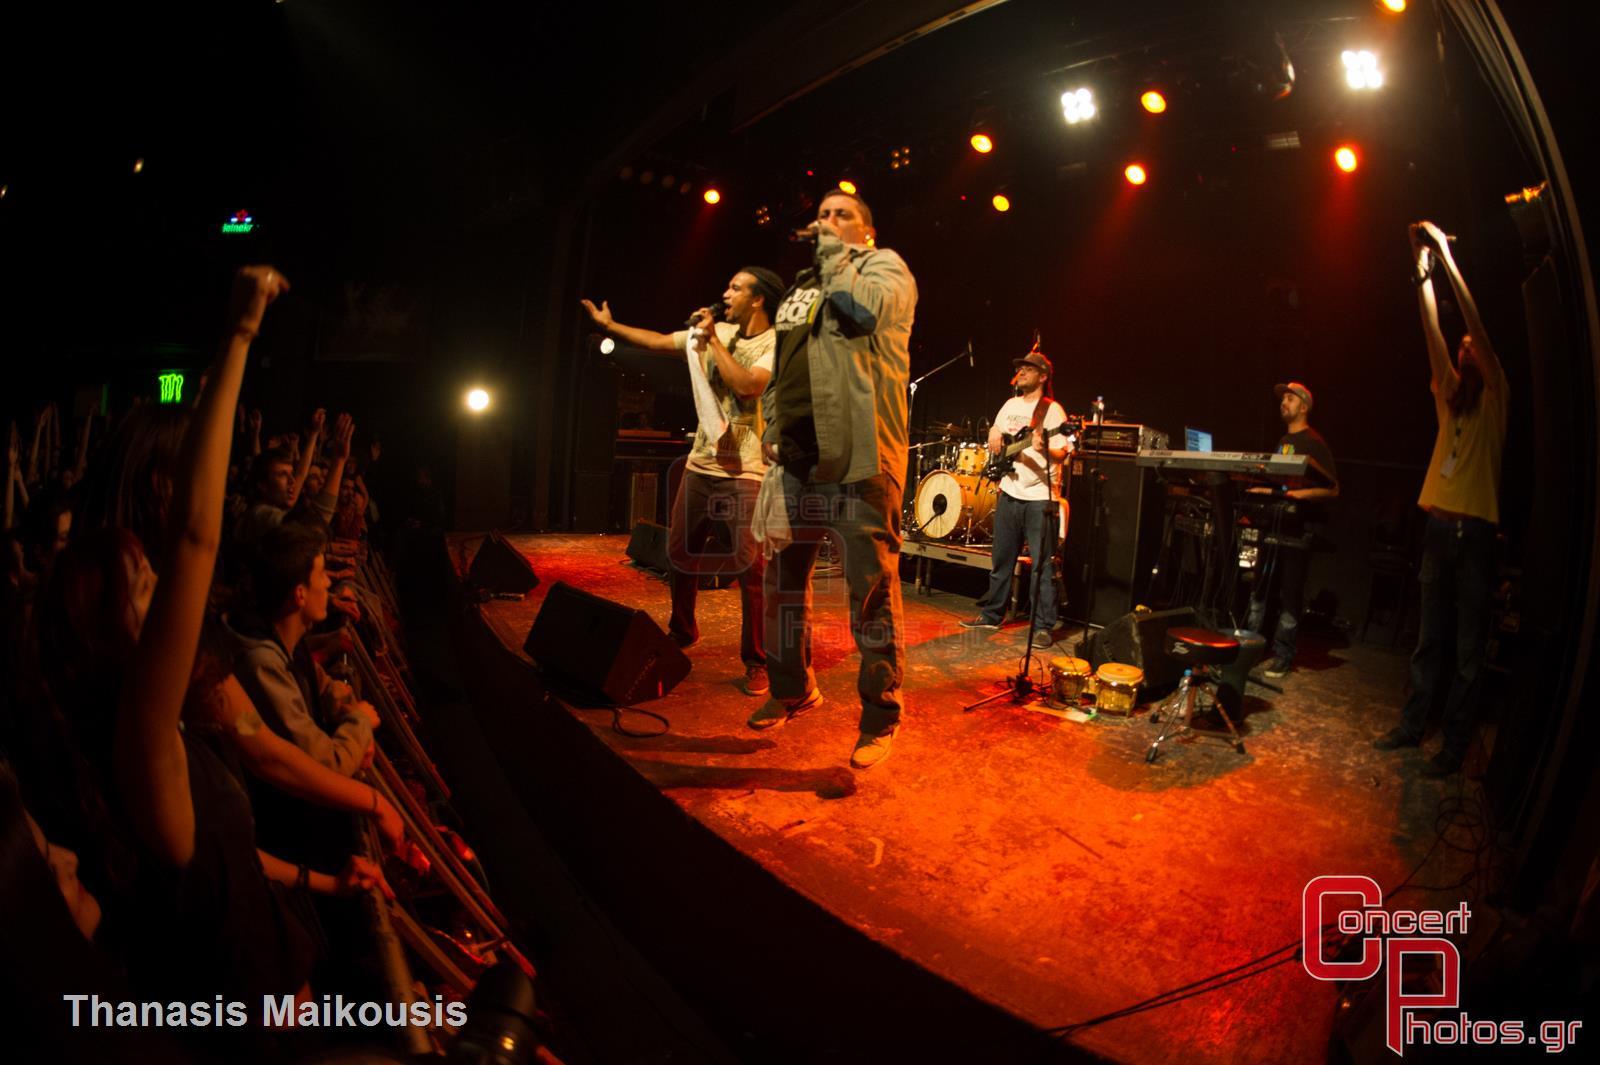 Dub Inc-Dub Inc photographer: Thanasis Maikousis - concertphotos_-5943